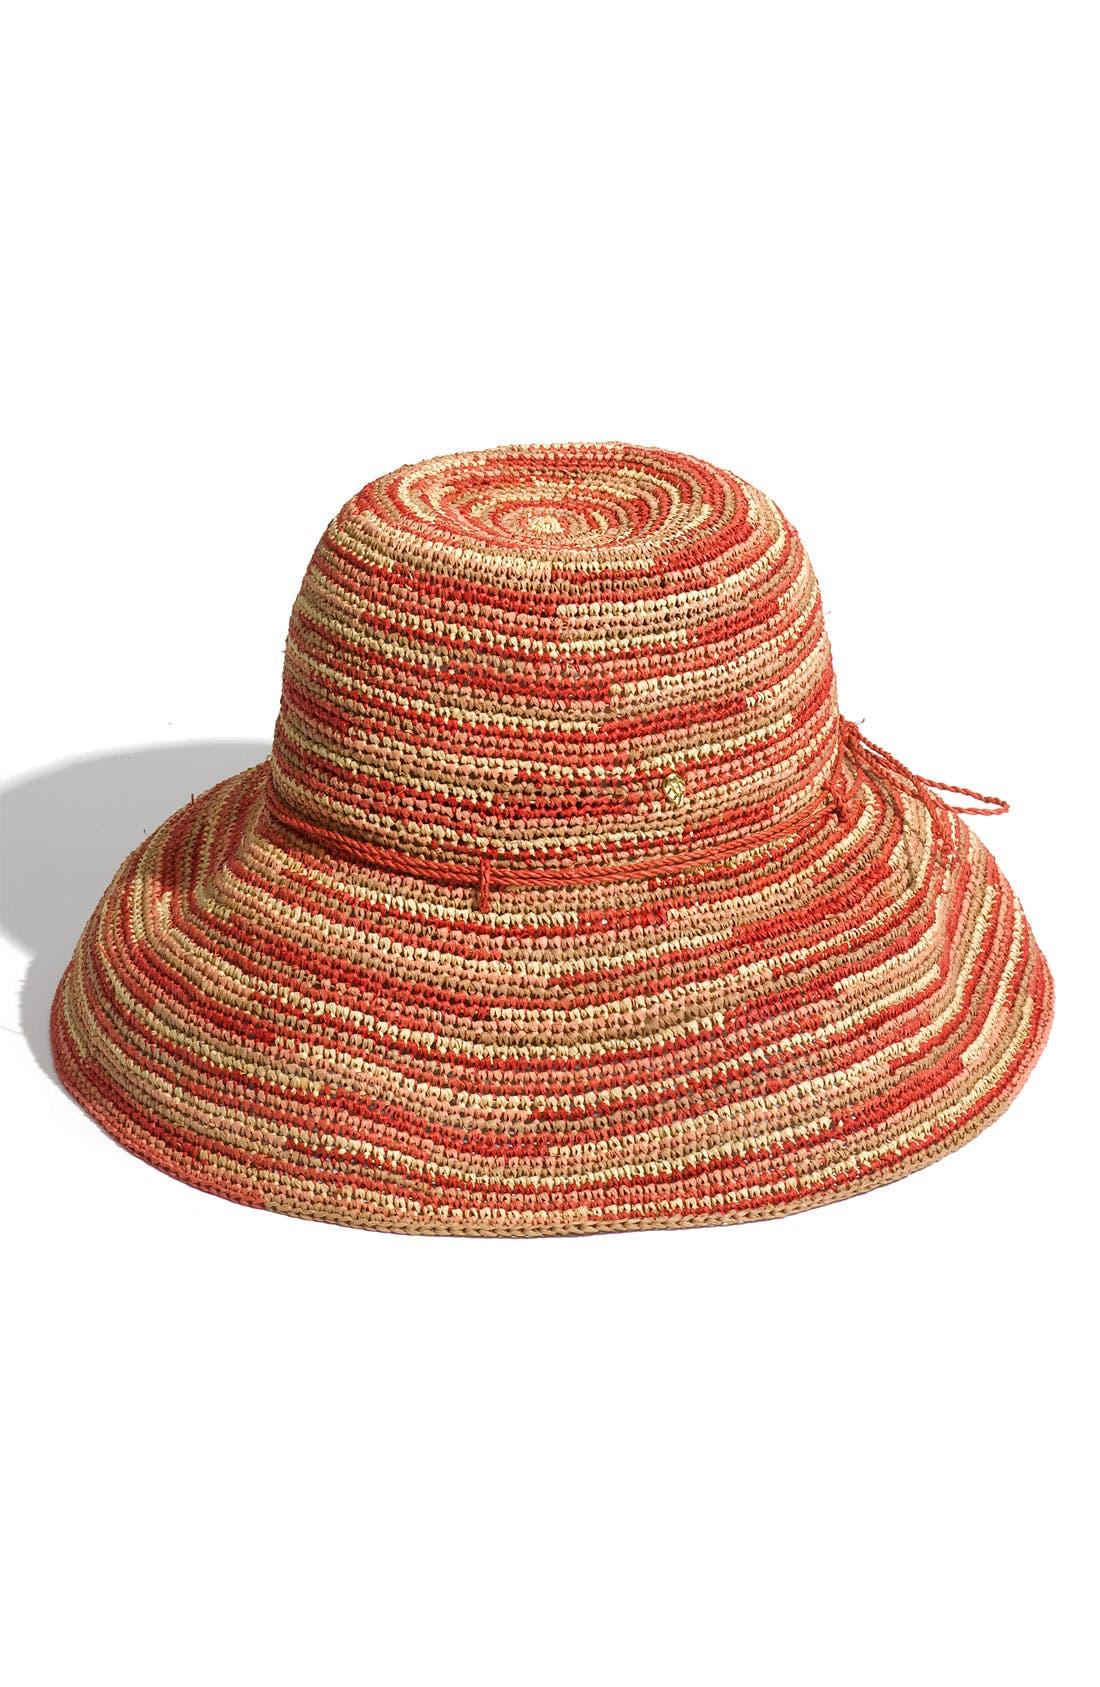 'Provence 12' Packable Raffia Hat,                             Main thumbnail 10, color,